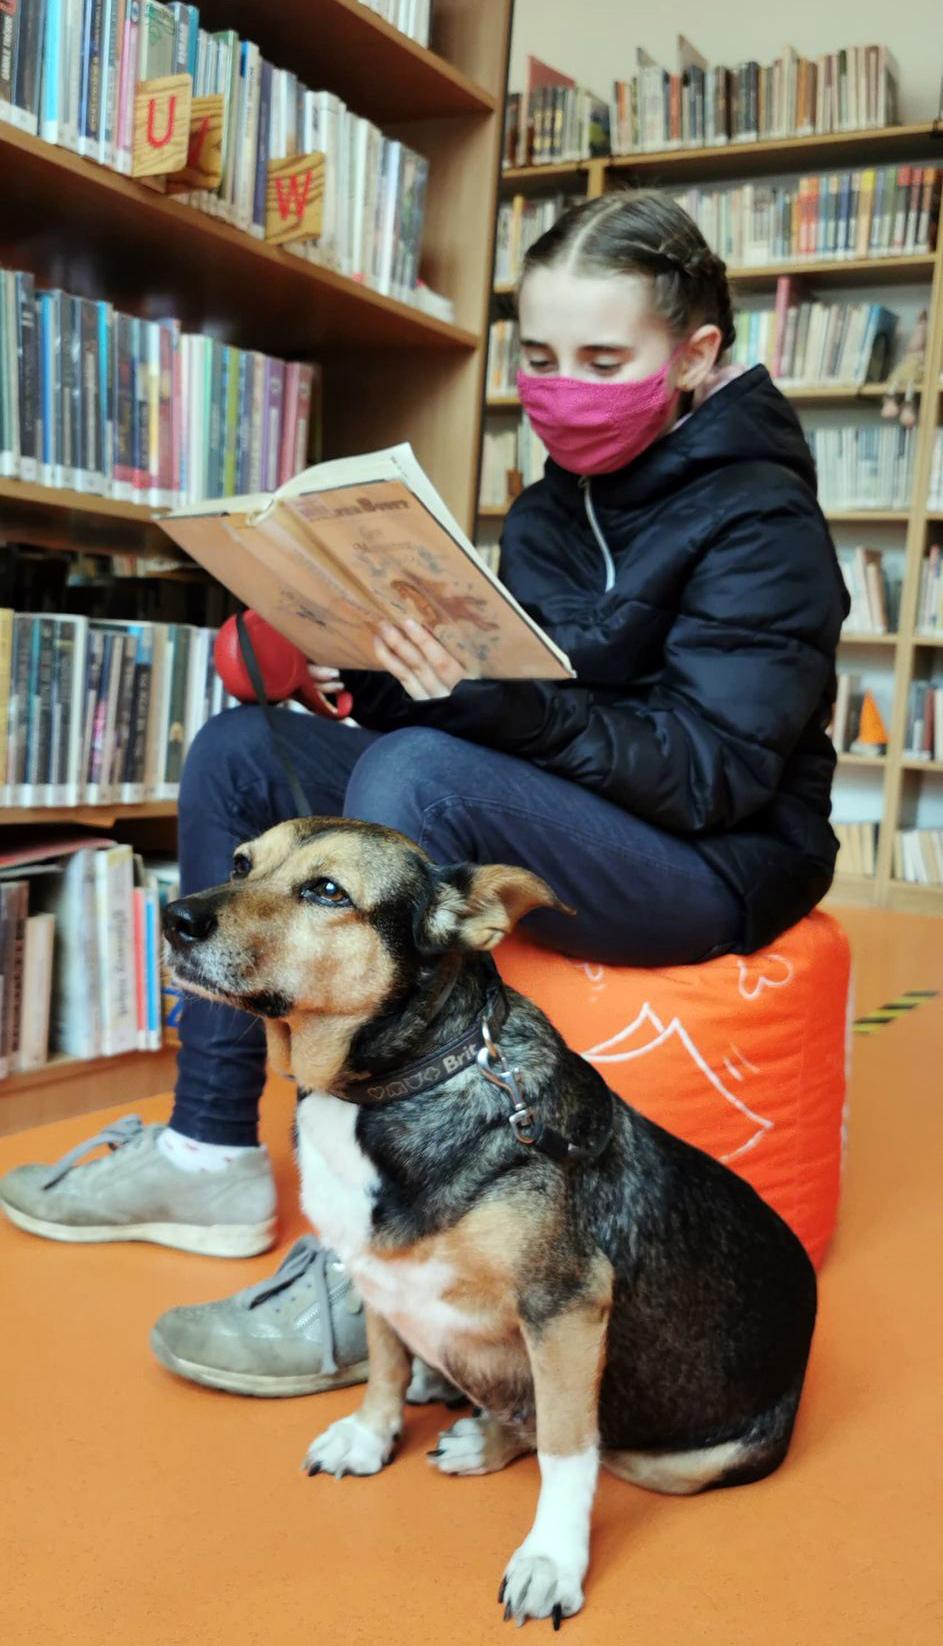 dziewczynka siedzi w bibliotece na pufie w towarzystwie swojego psa